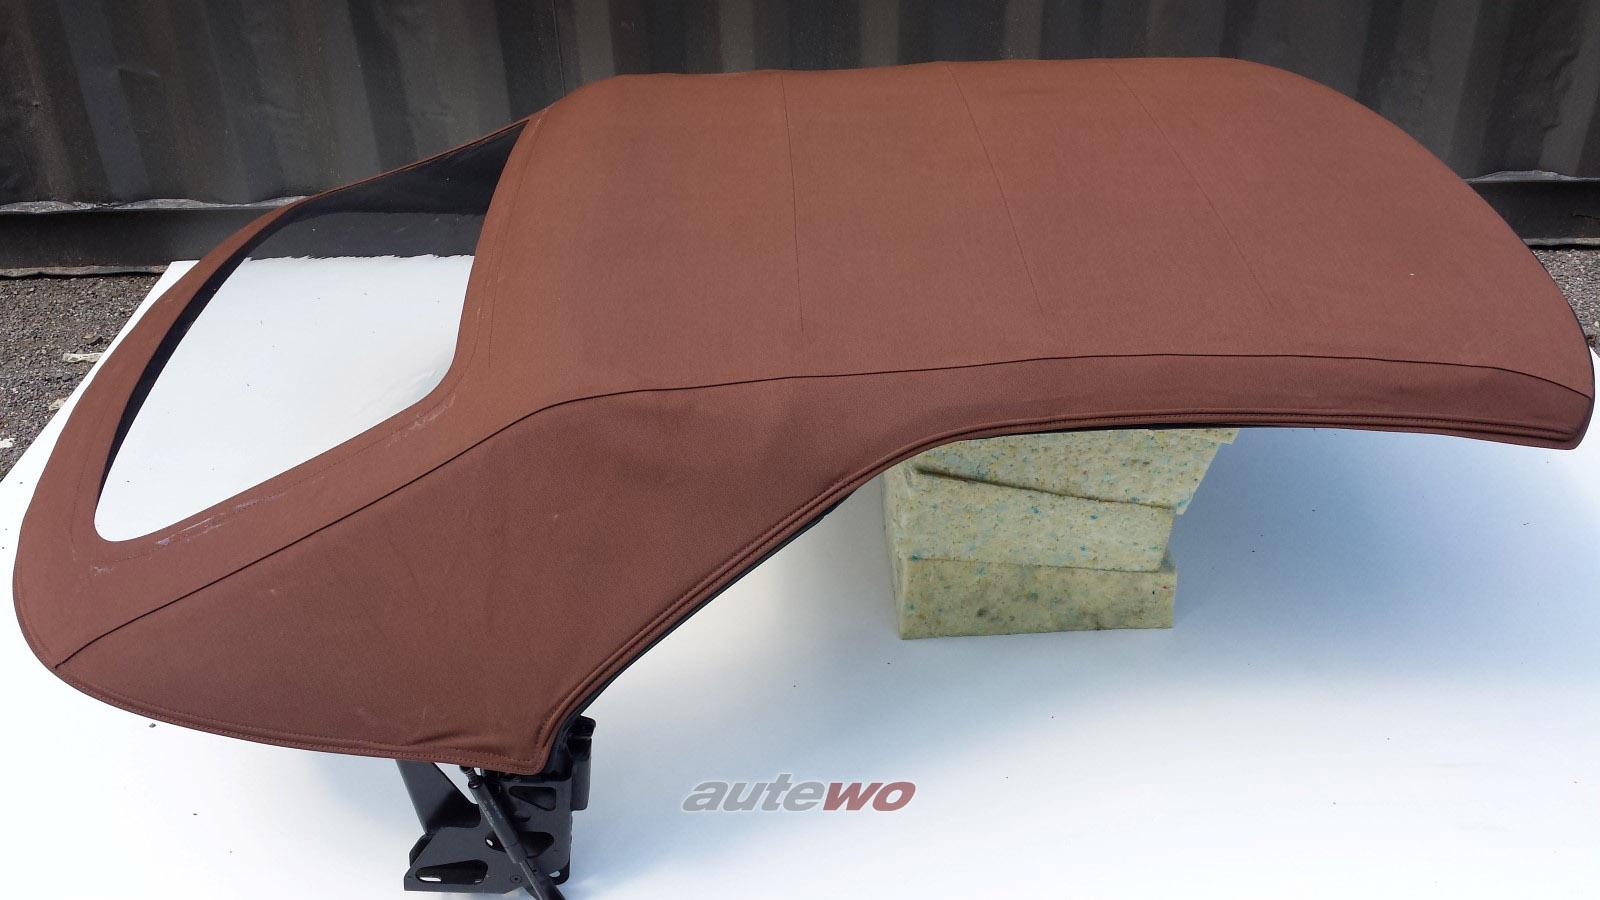 8g0871011 neu audi 80 typ 89 cabrio cabrio original. Black Bedroom Furniture Sets. Home Design Ideas